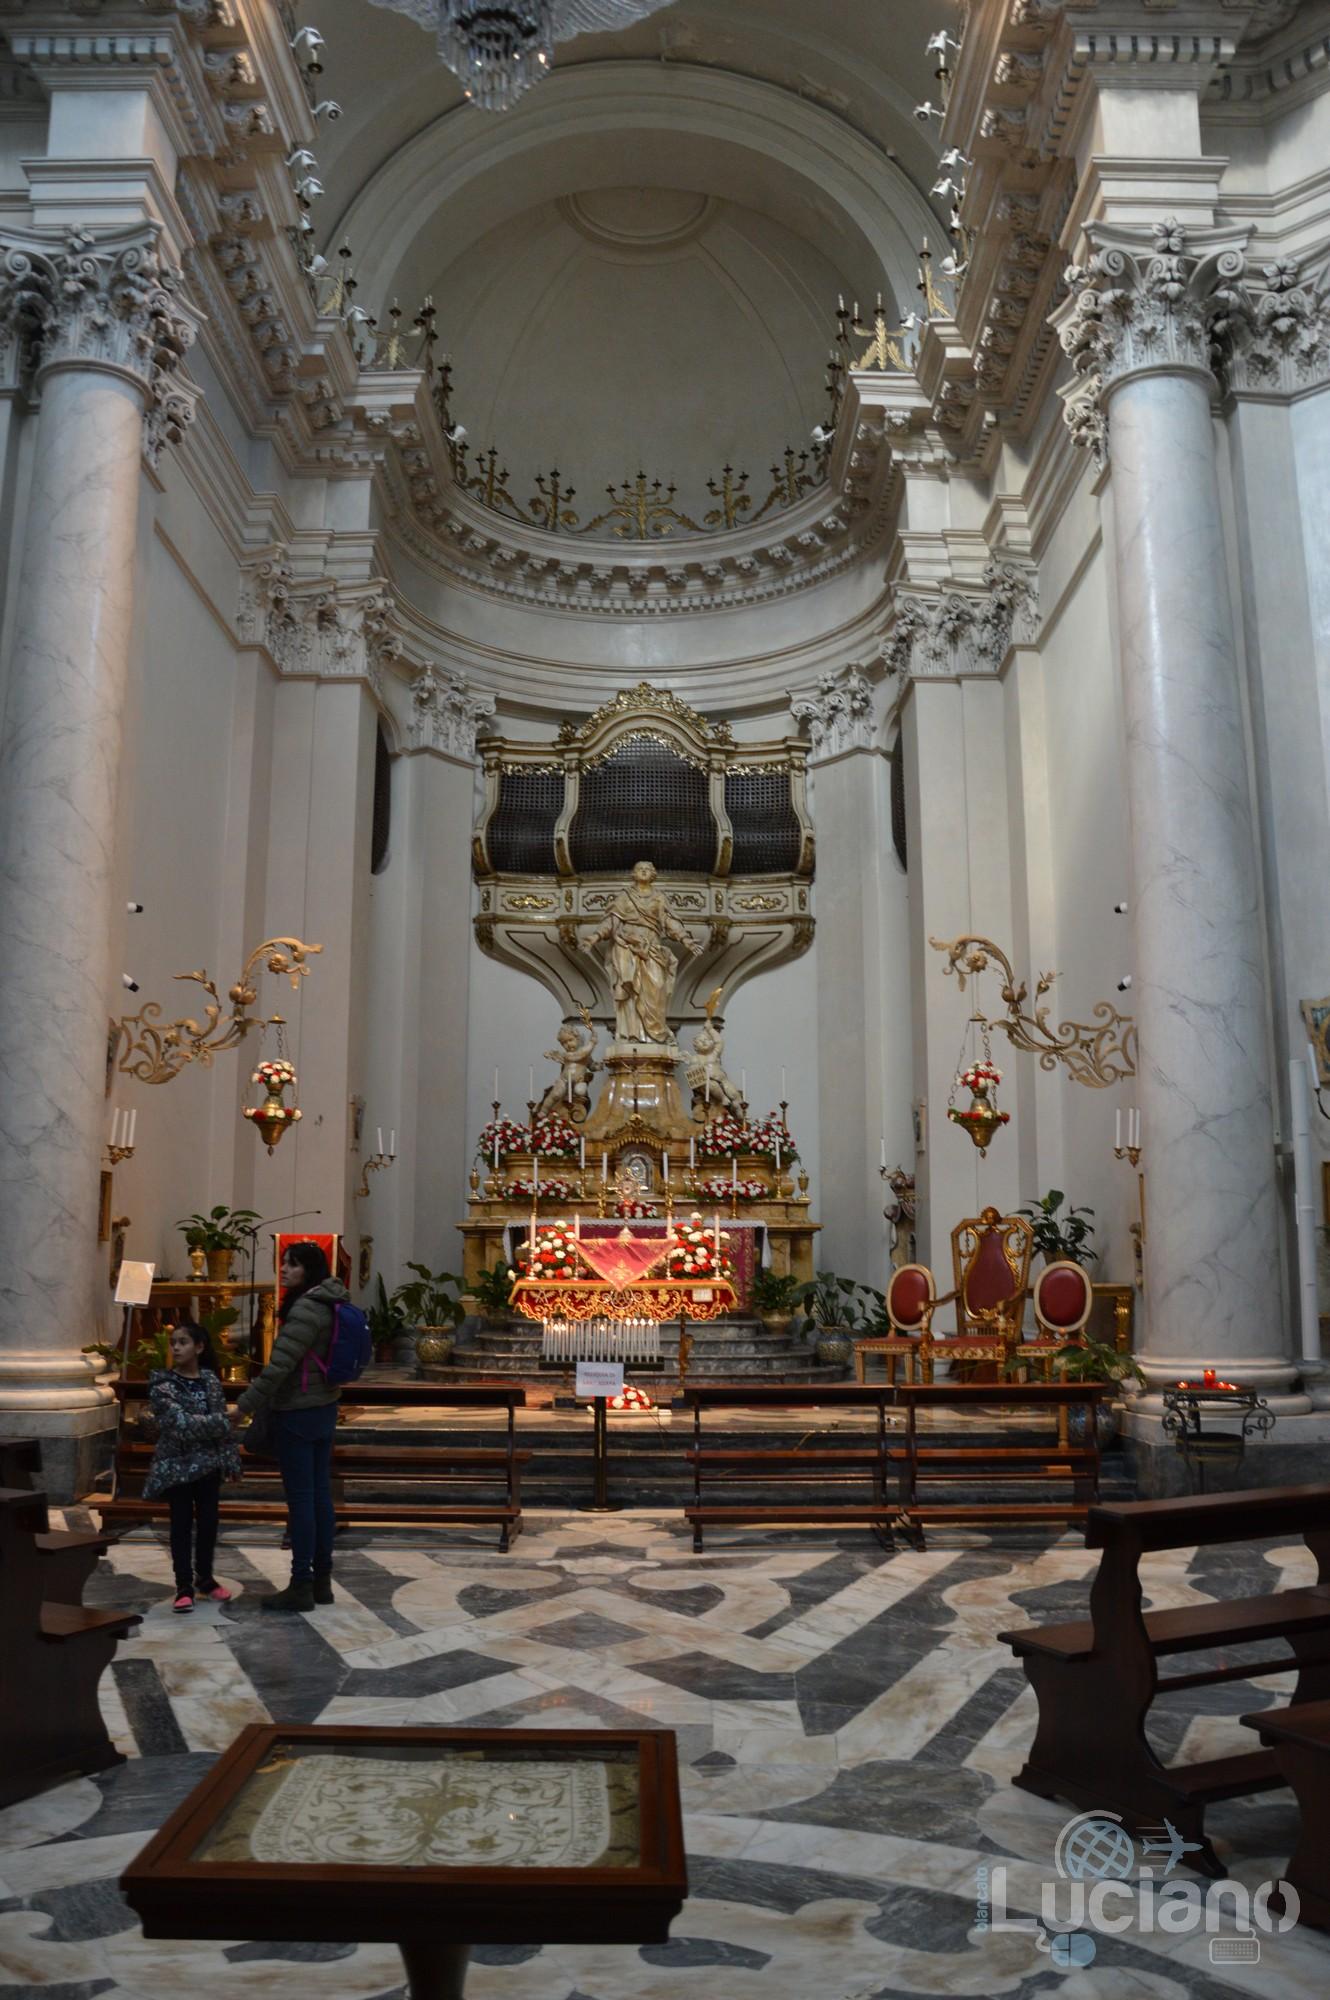 Altare maggiore, presso Chiesa della Badia di Sant'Agata, durante i festeggiamenti per Sant'Agata 2019 - Catania (CT)